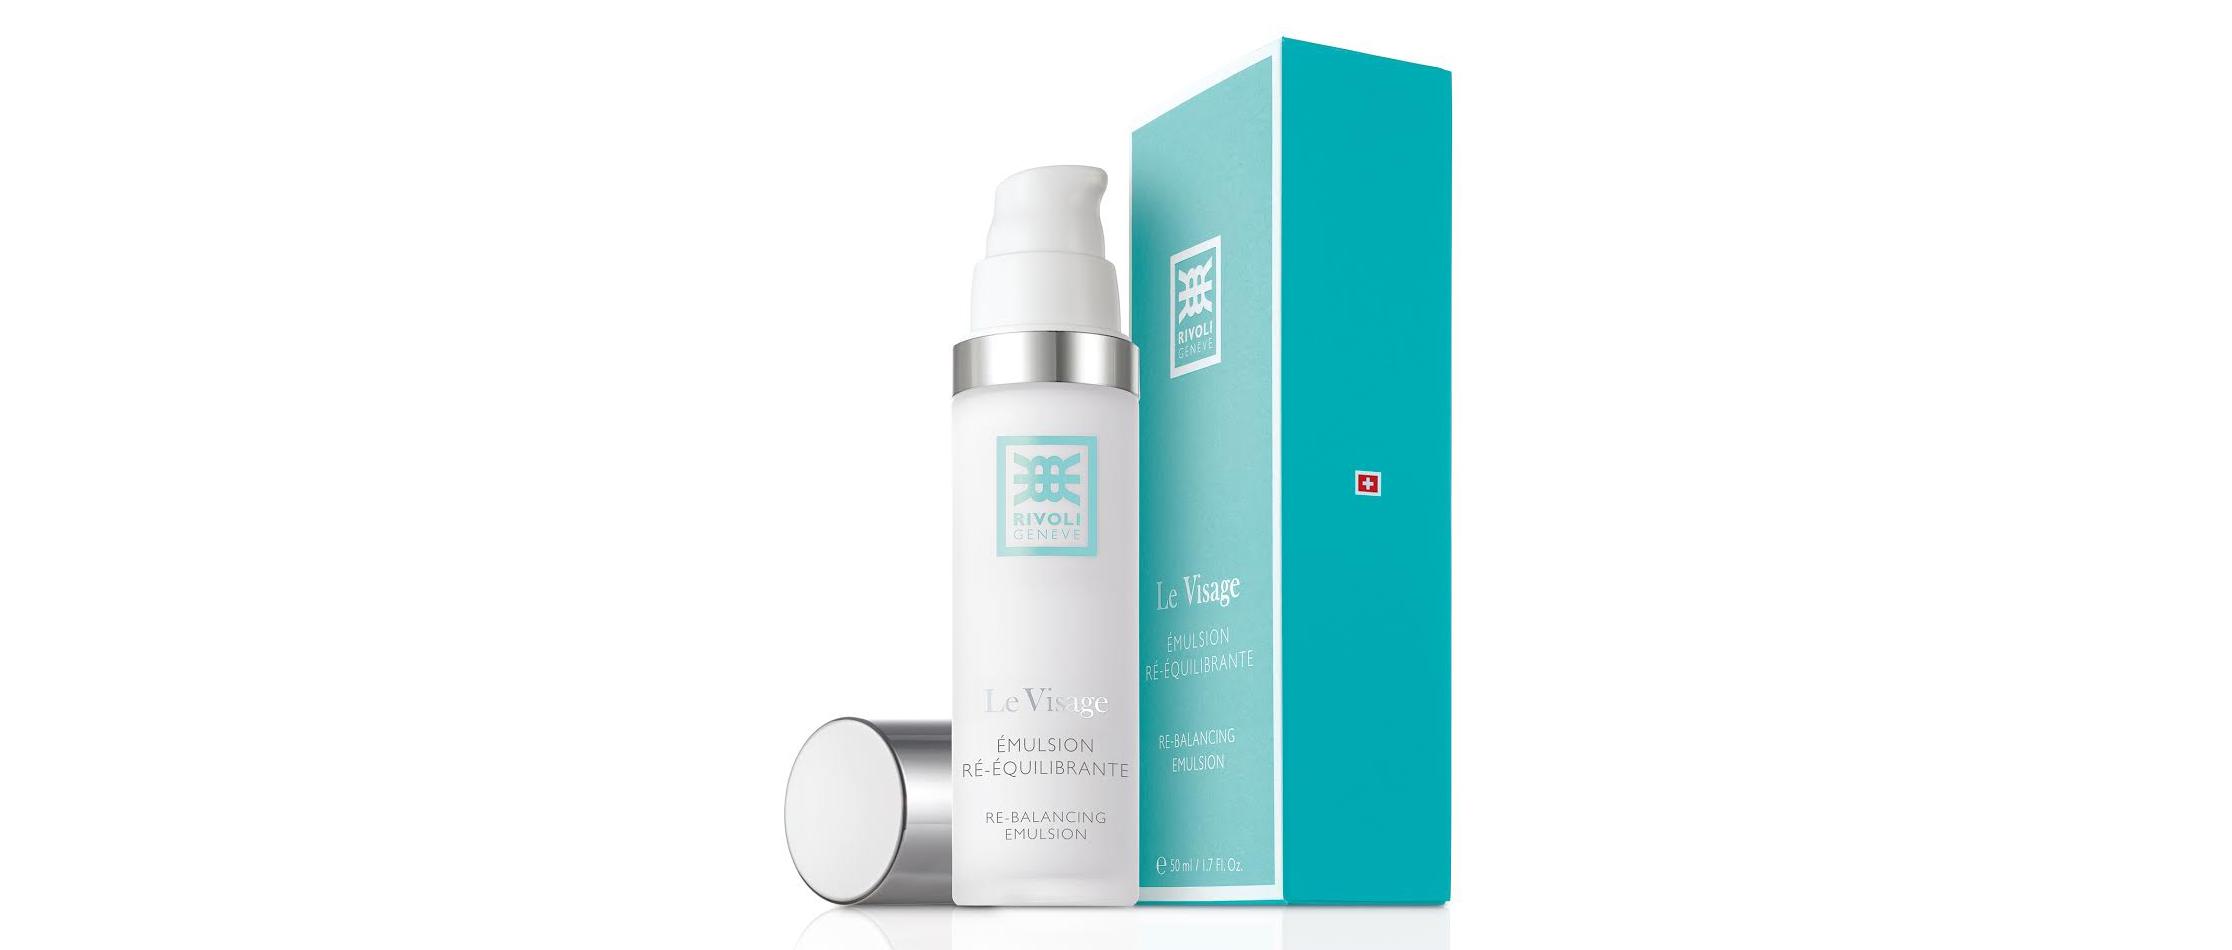 Kosmetiktester gesucht – RIVOLI Le Visage Re-Balancing Emulsion